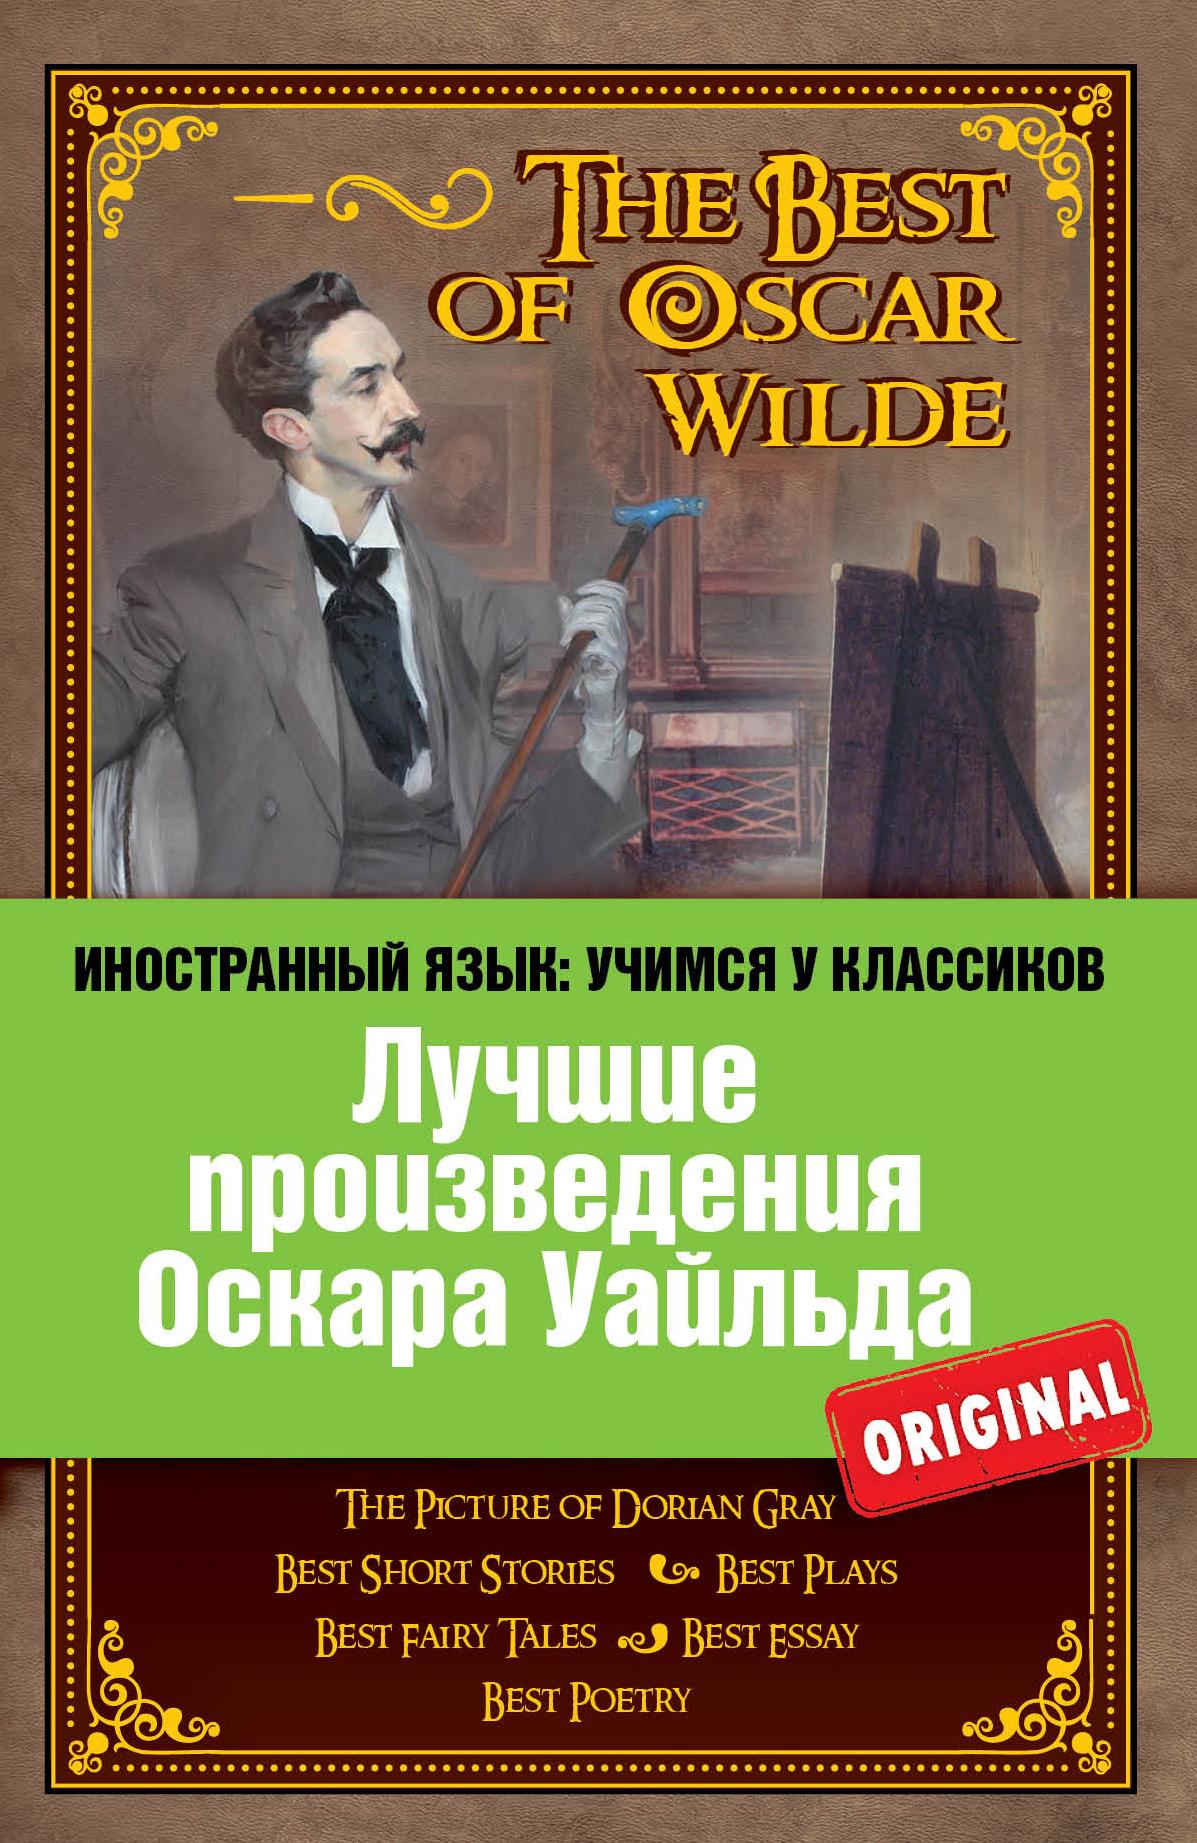 ������ ������������ ������ ������� / The Best of Oscar Wilde